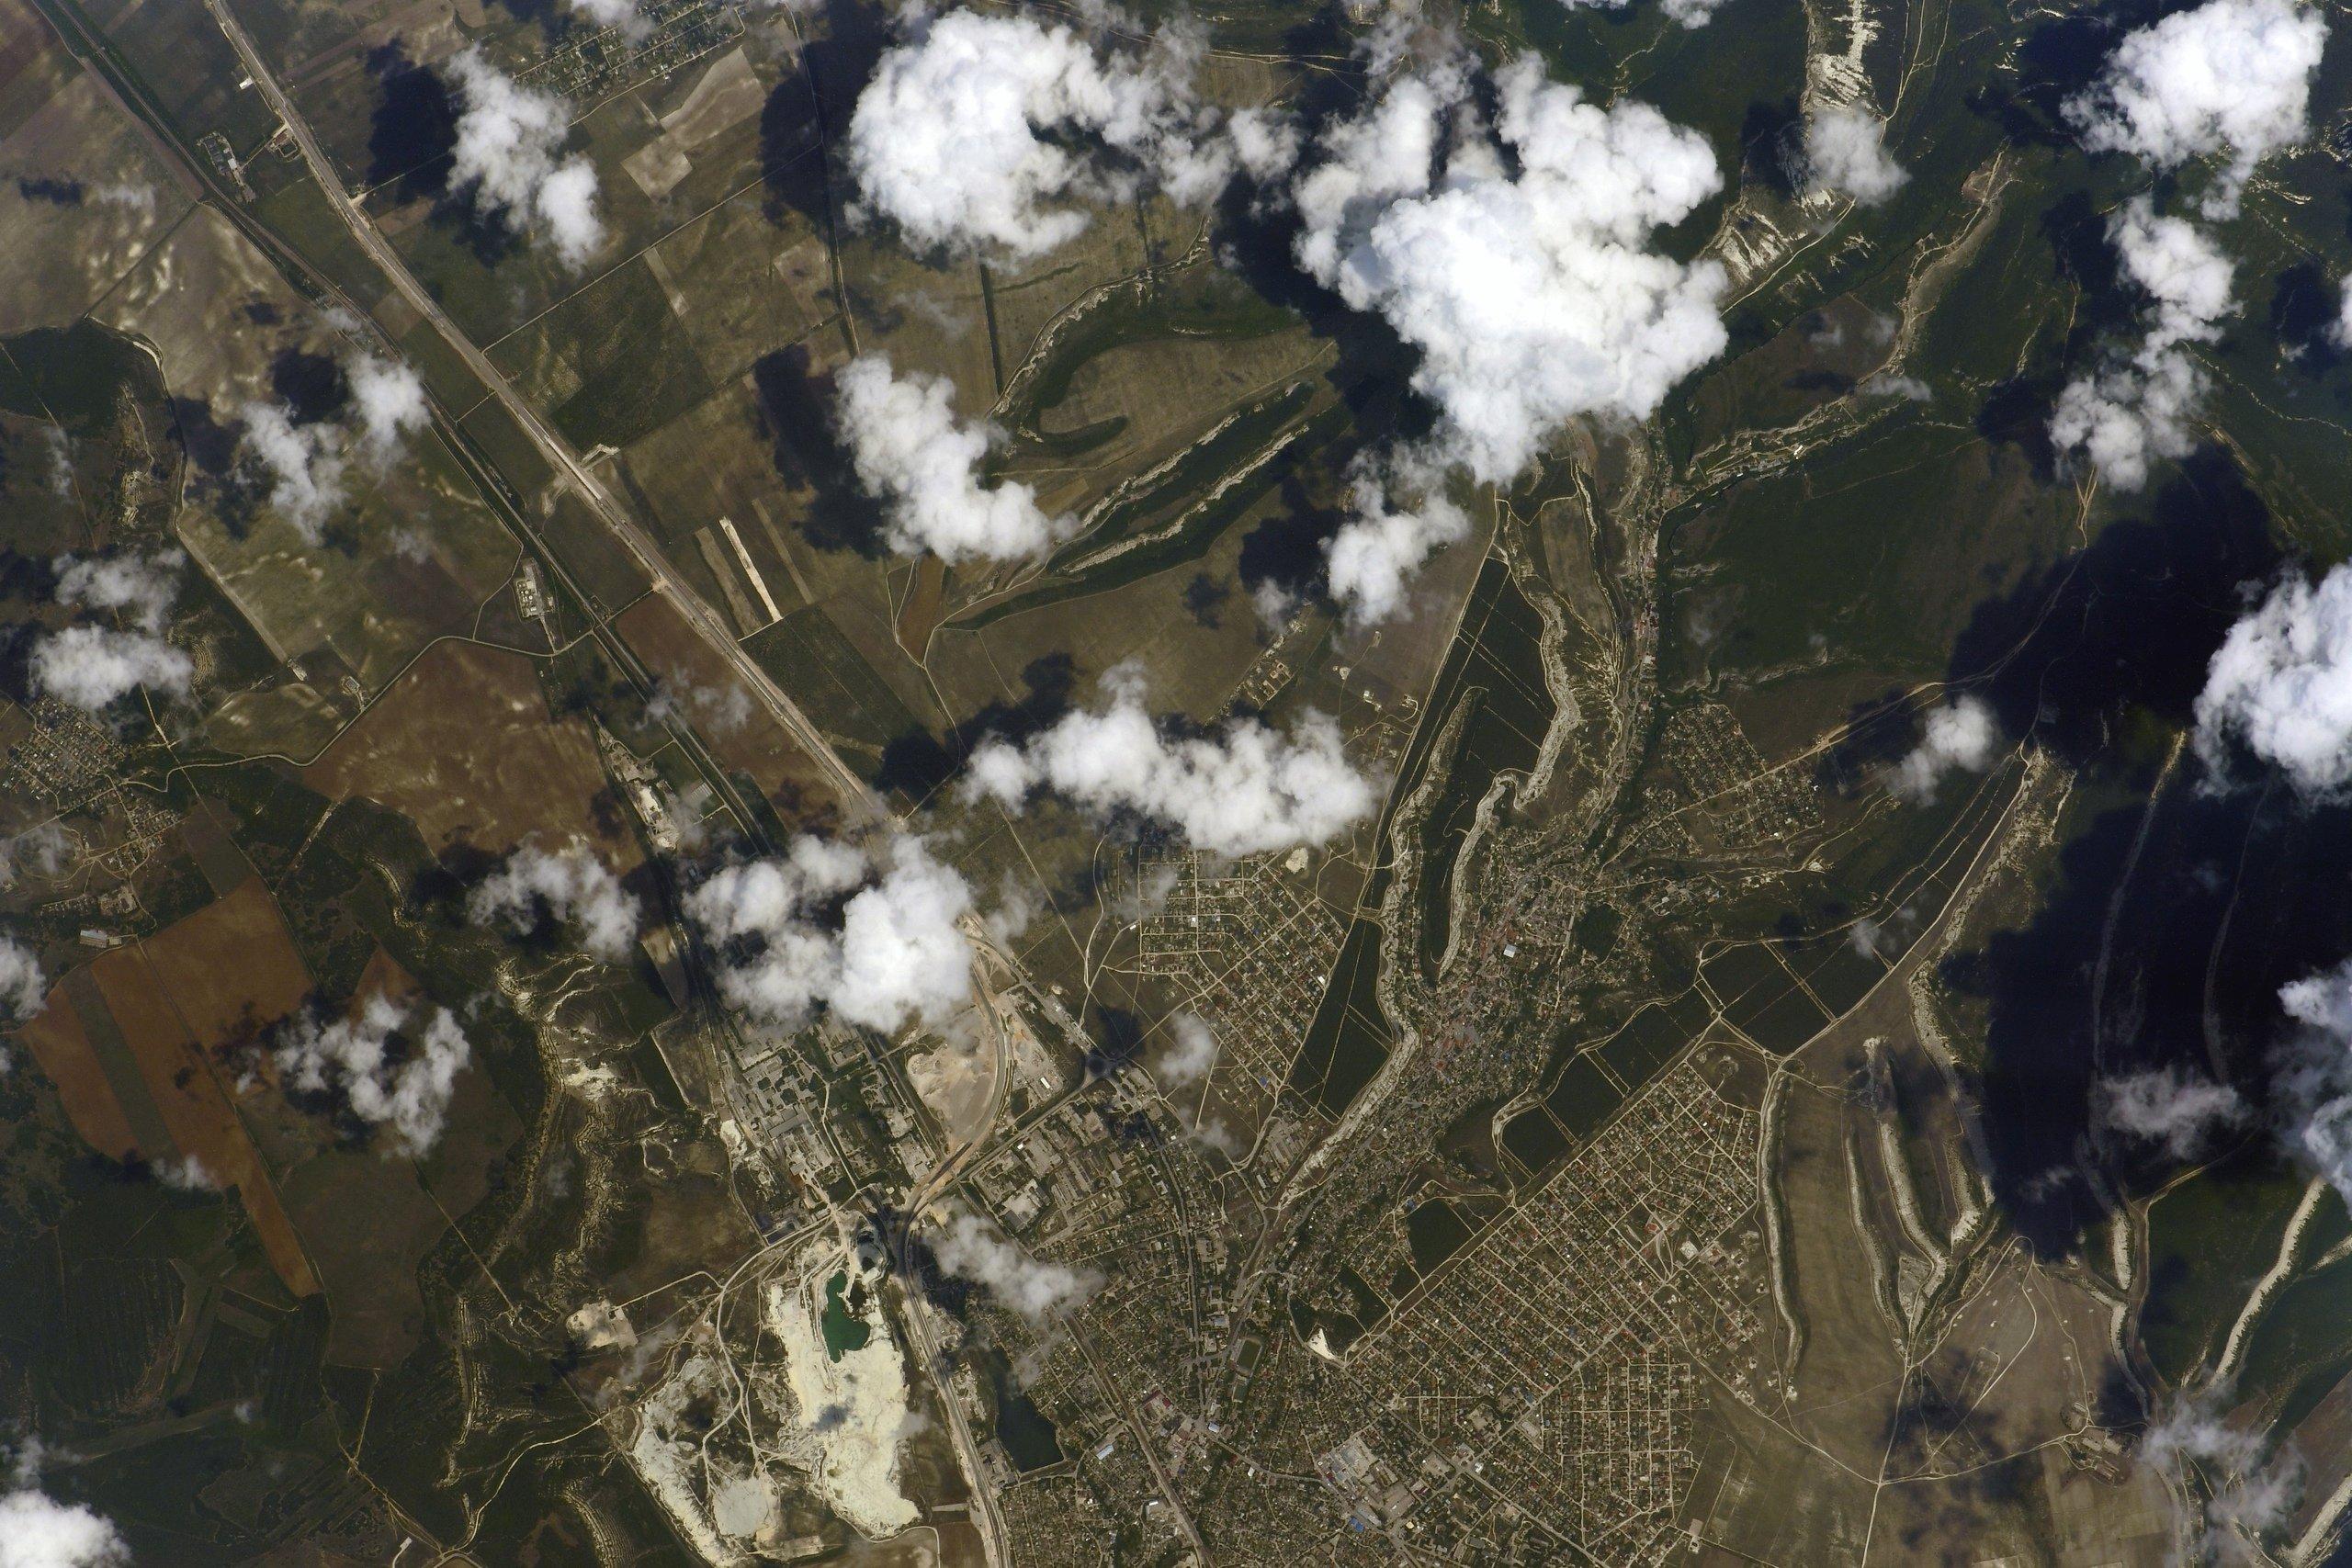 фотографии, фото посьета со спутника мормышки просты